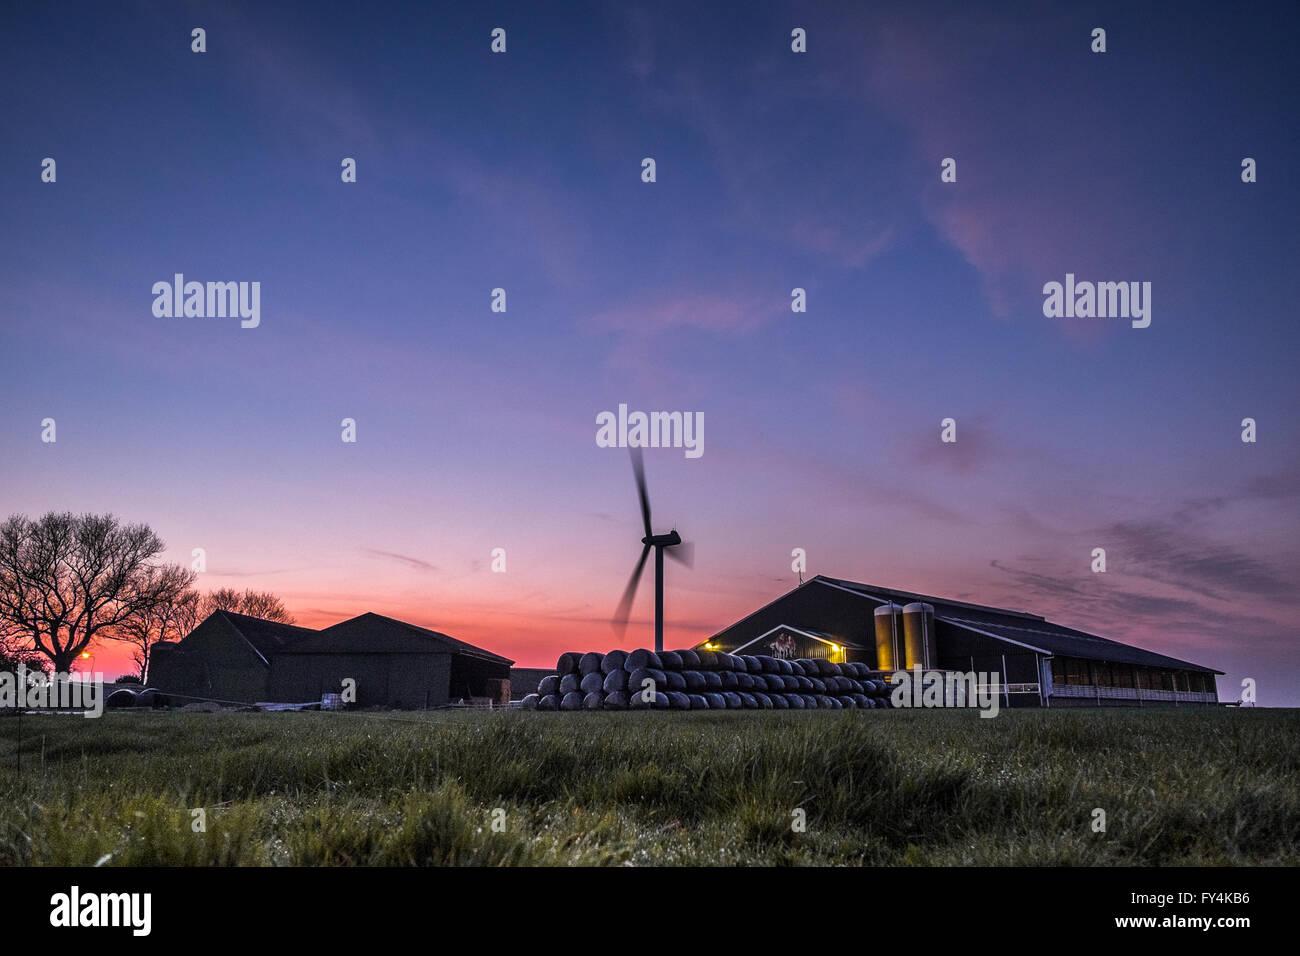 Ein angetriebene Windpark in Friesland erstrahlt in rot orange Leuchten der Sonnenuntergang als der Tag endet.  Stockbild